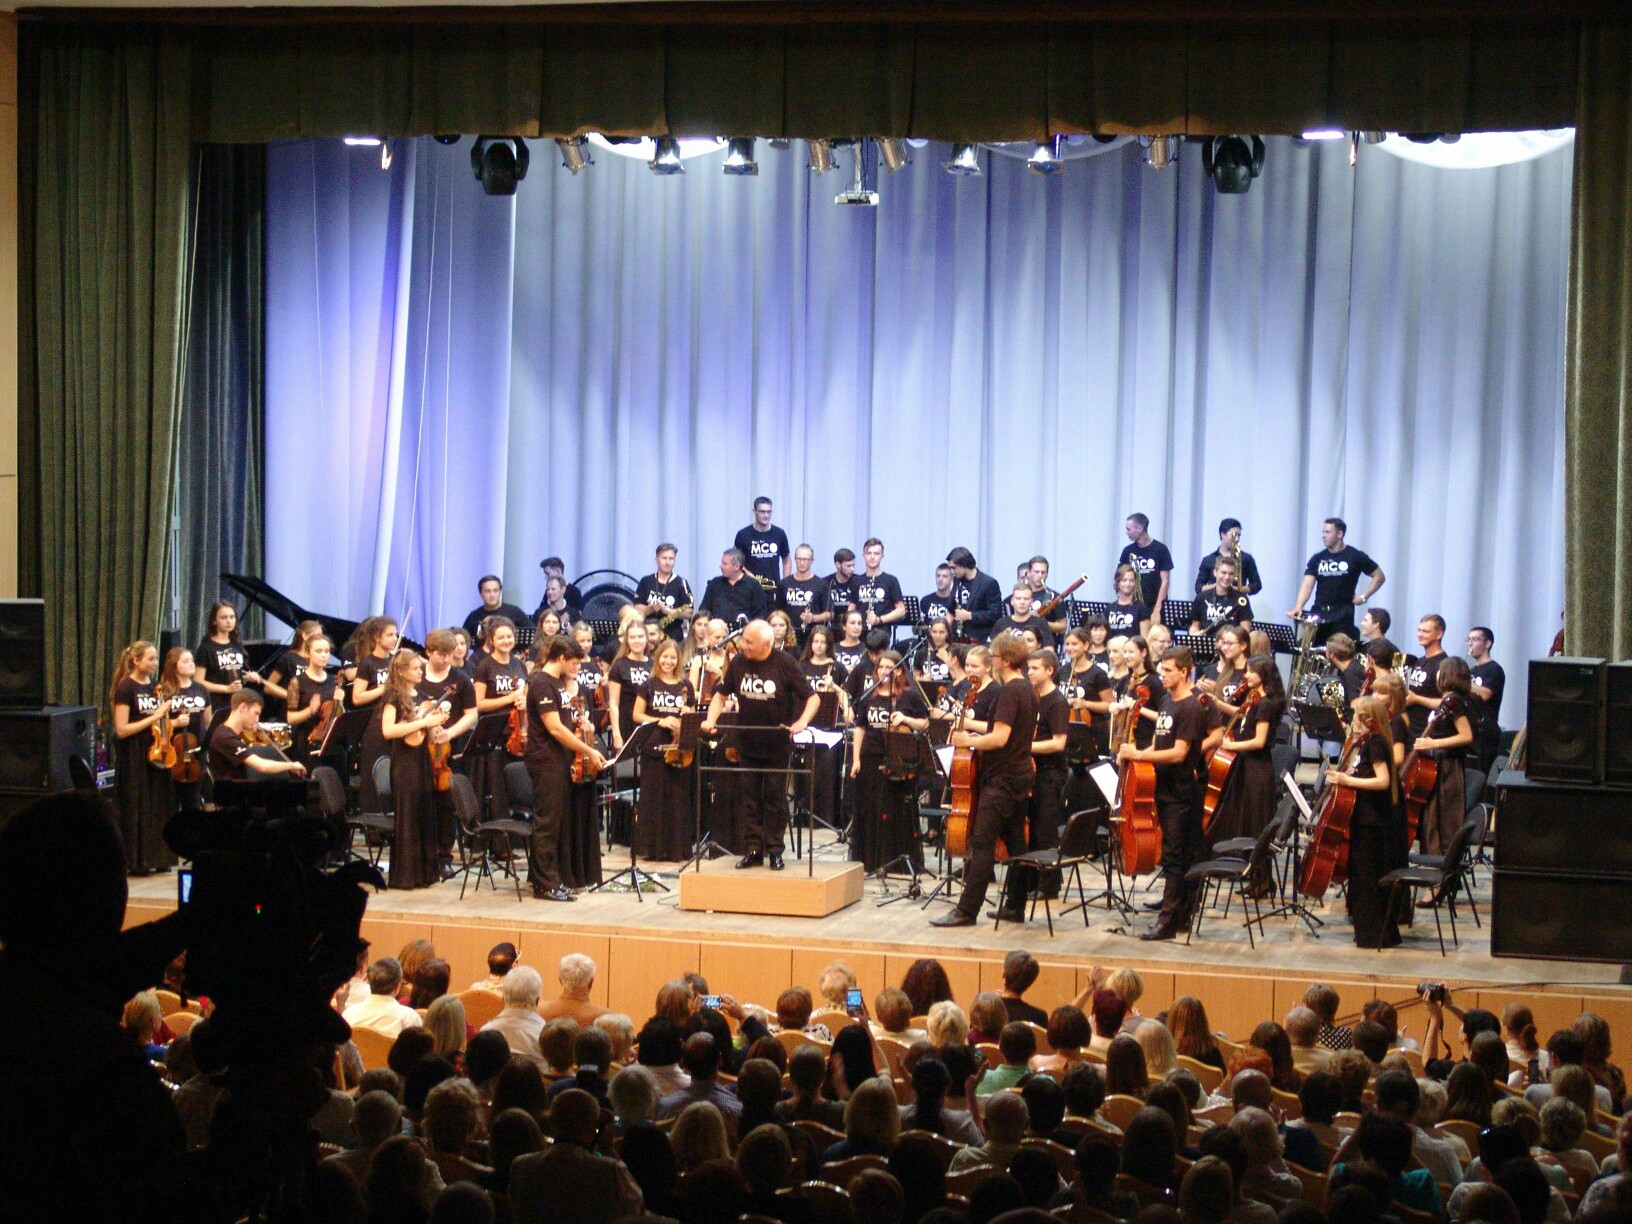 В Тольятти пройдет Летняя сессия Молодежного симфонического оркестра Поволжья и фестиваль «Классика Open Fest 2019»